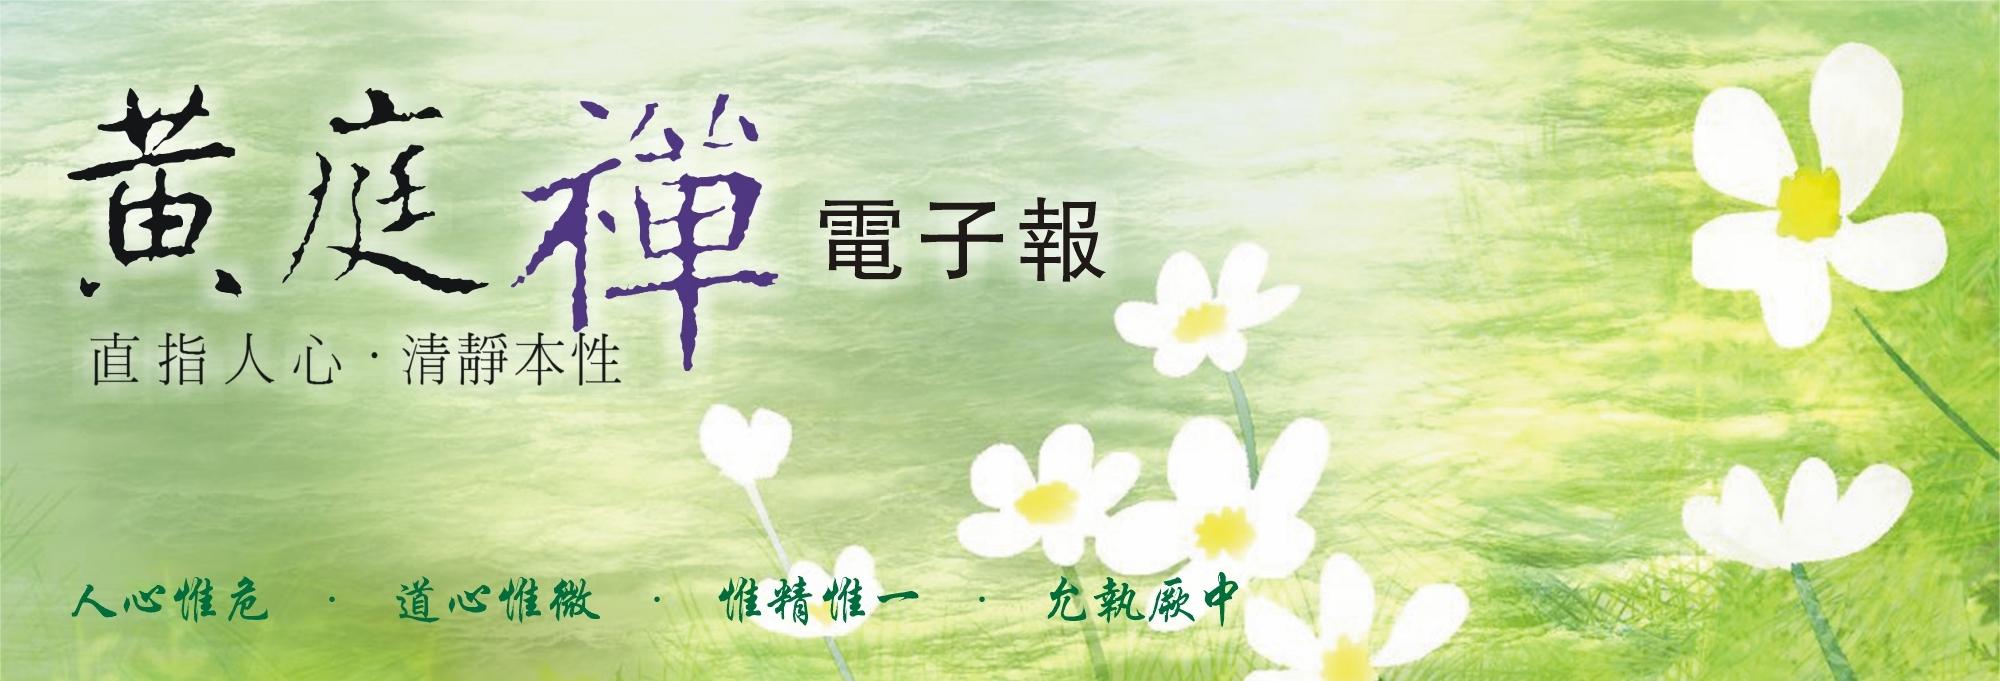 中華黃庭禪學會2016.08.21電子報